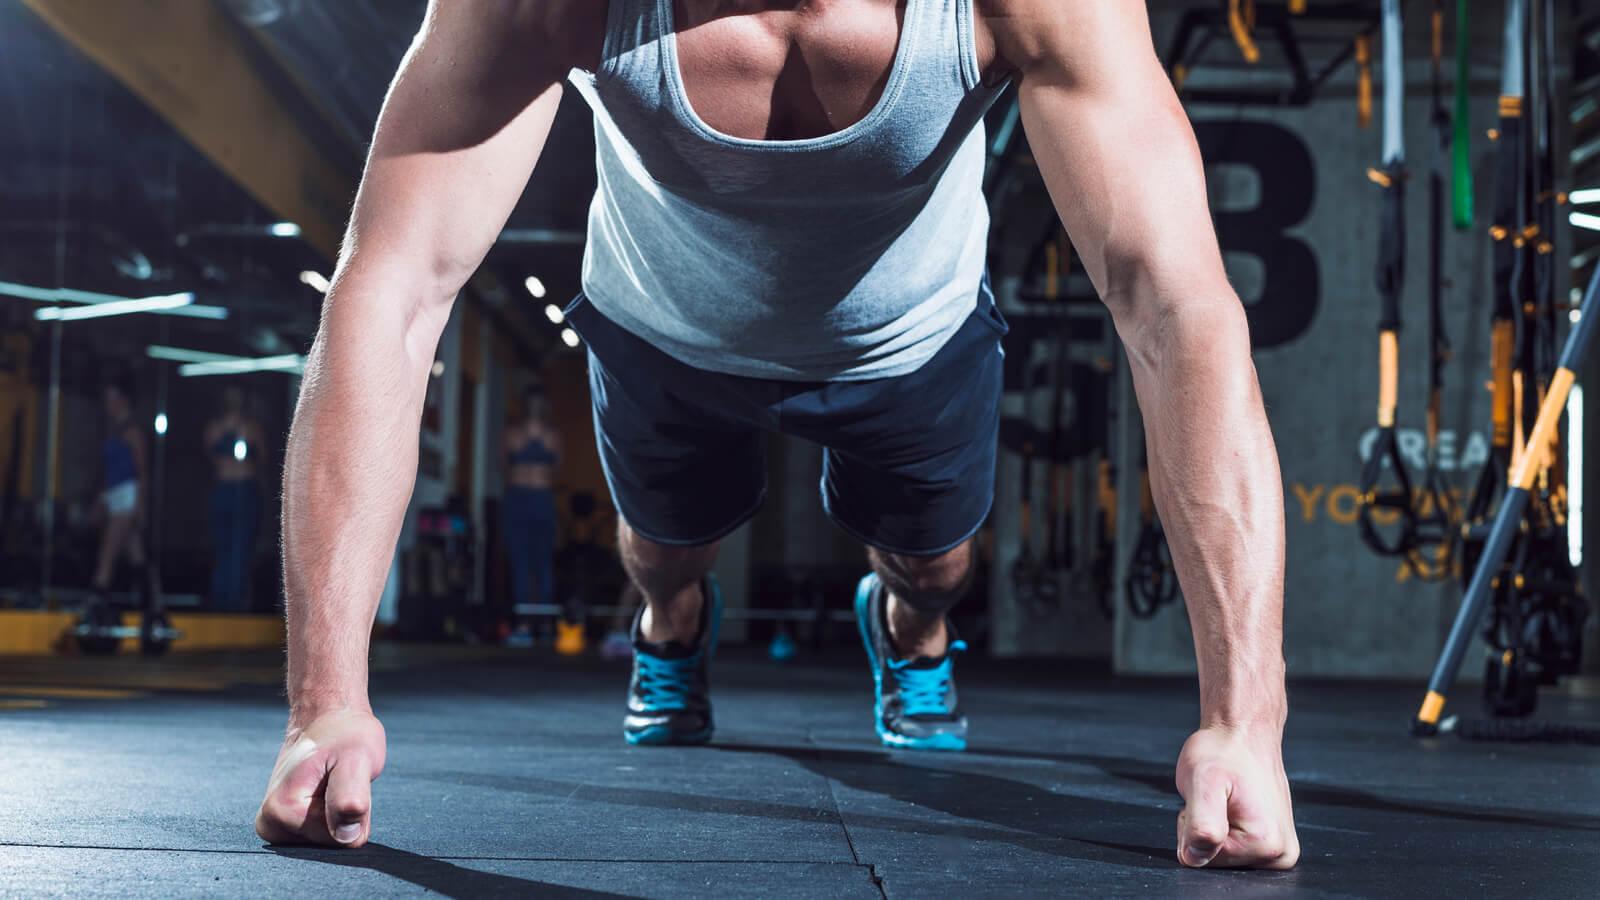 Hít đất đều đặn 20 phút mỗi ngày cơ thể bạn sẽ nhận được những lợi ích gì?